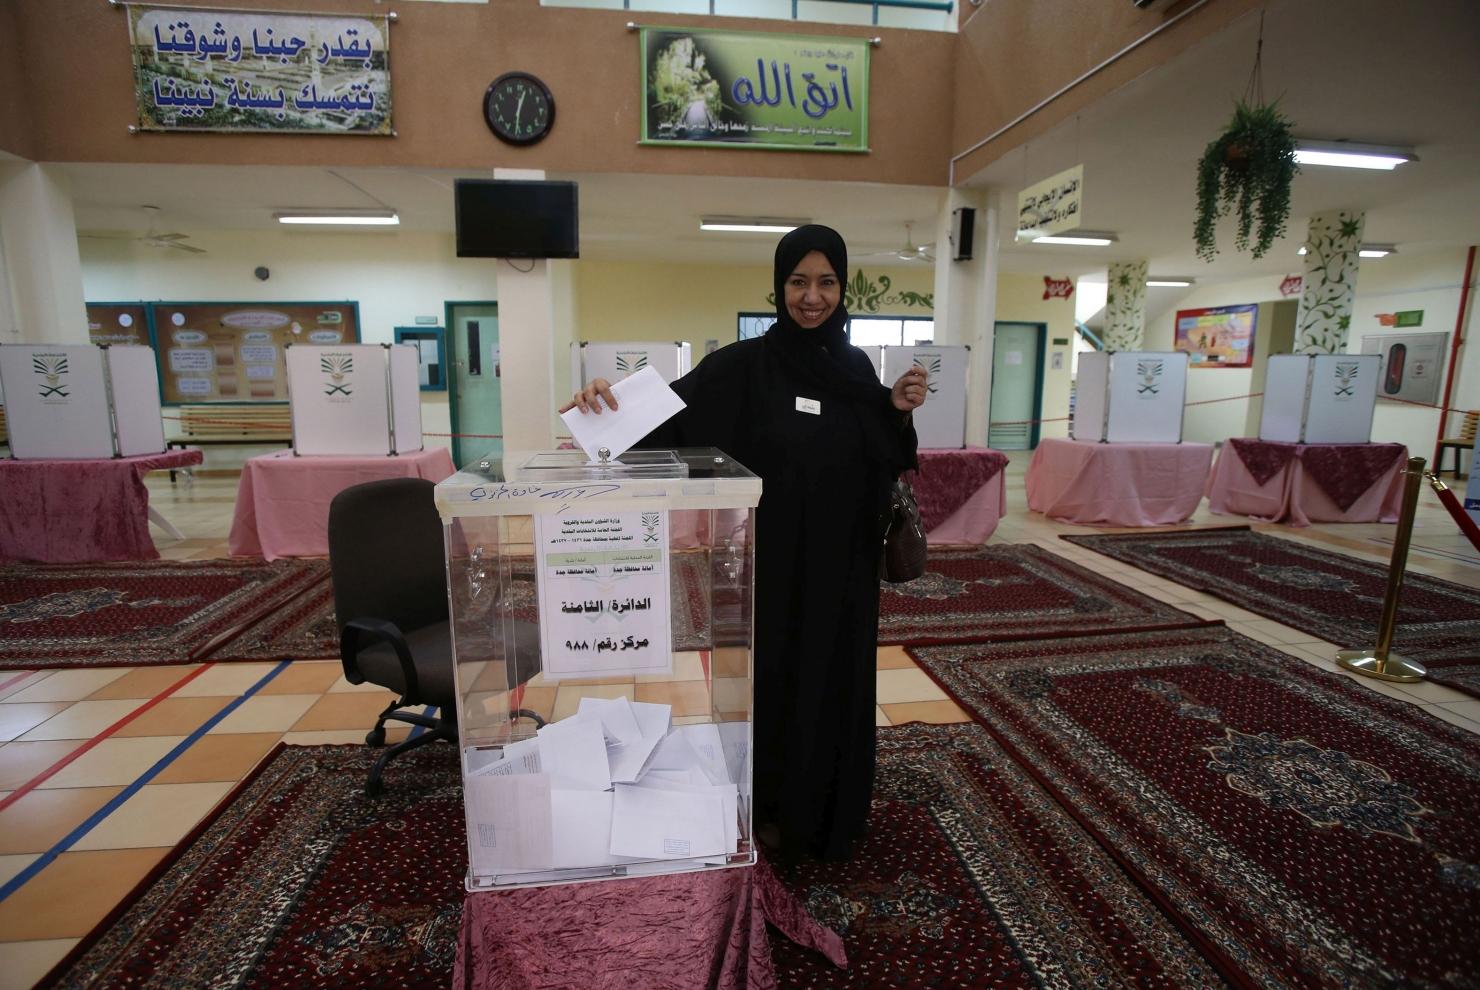 JEDDAH, Arabia Saudita